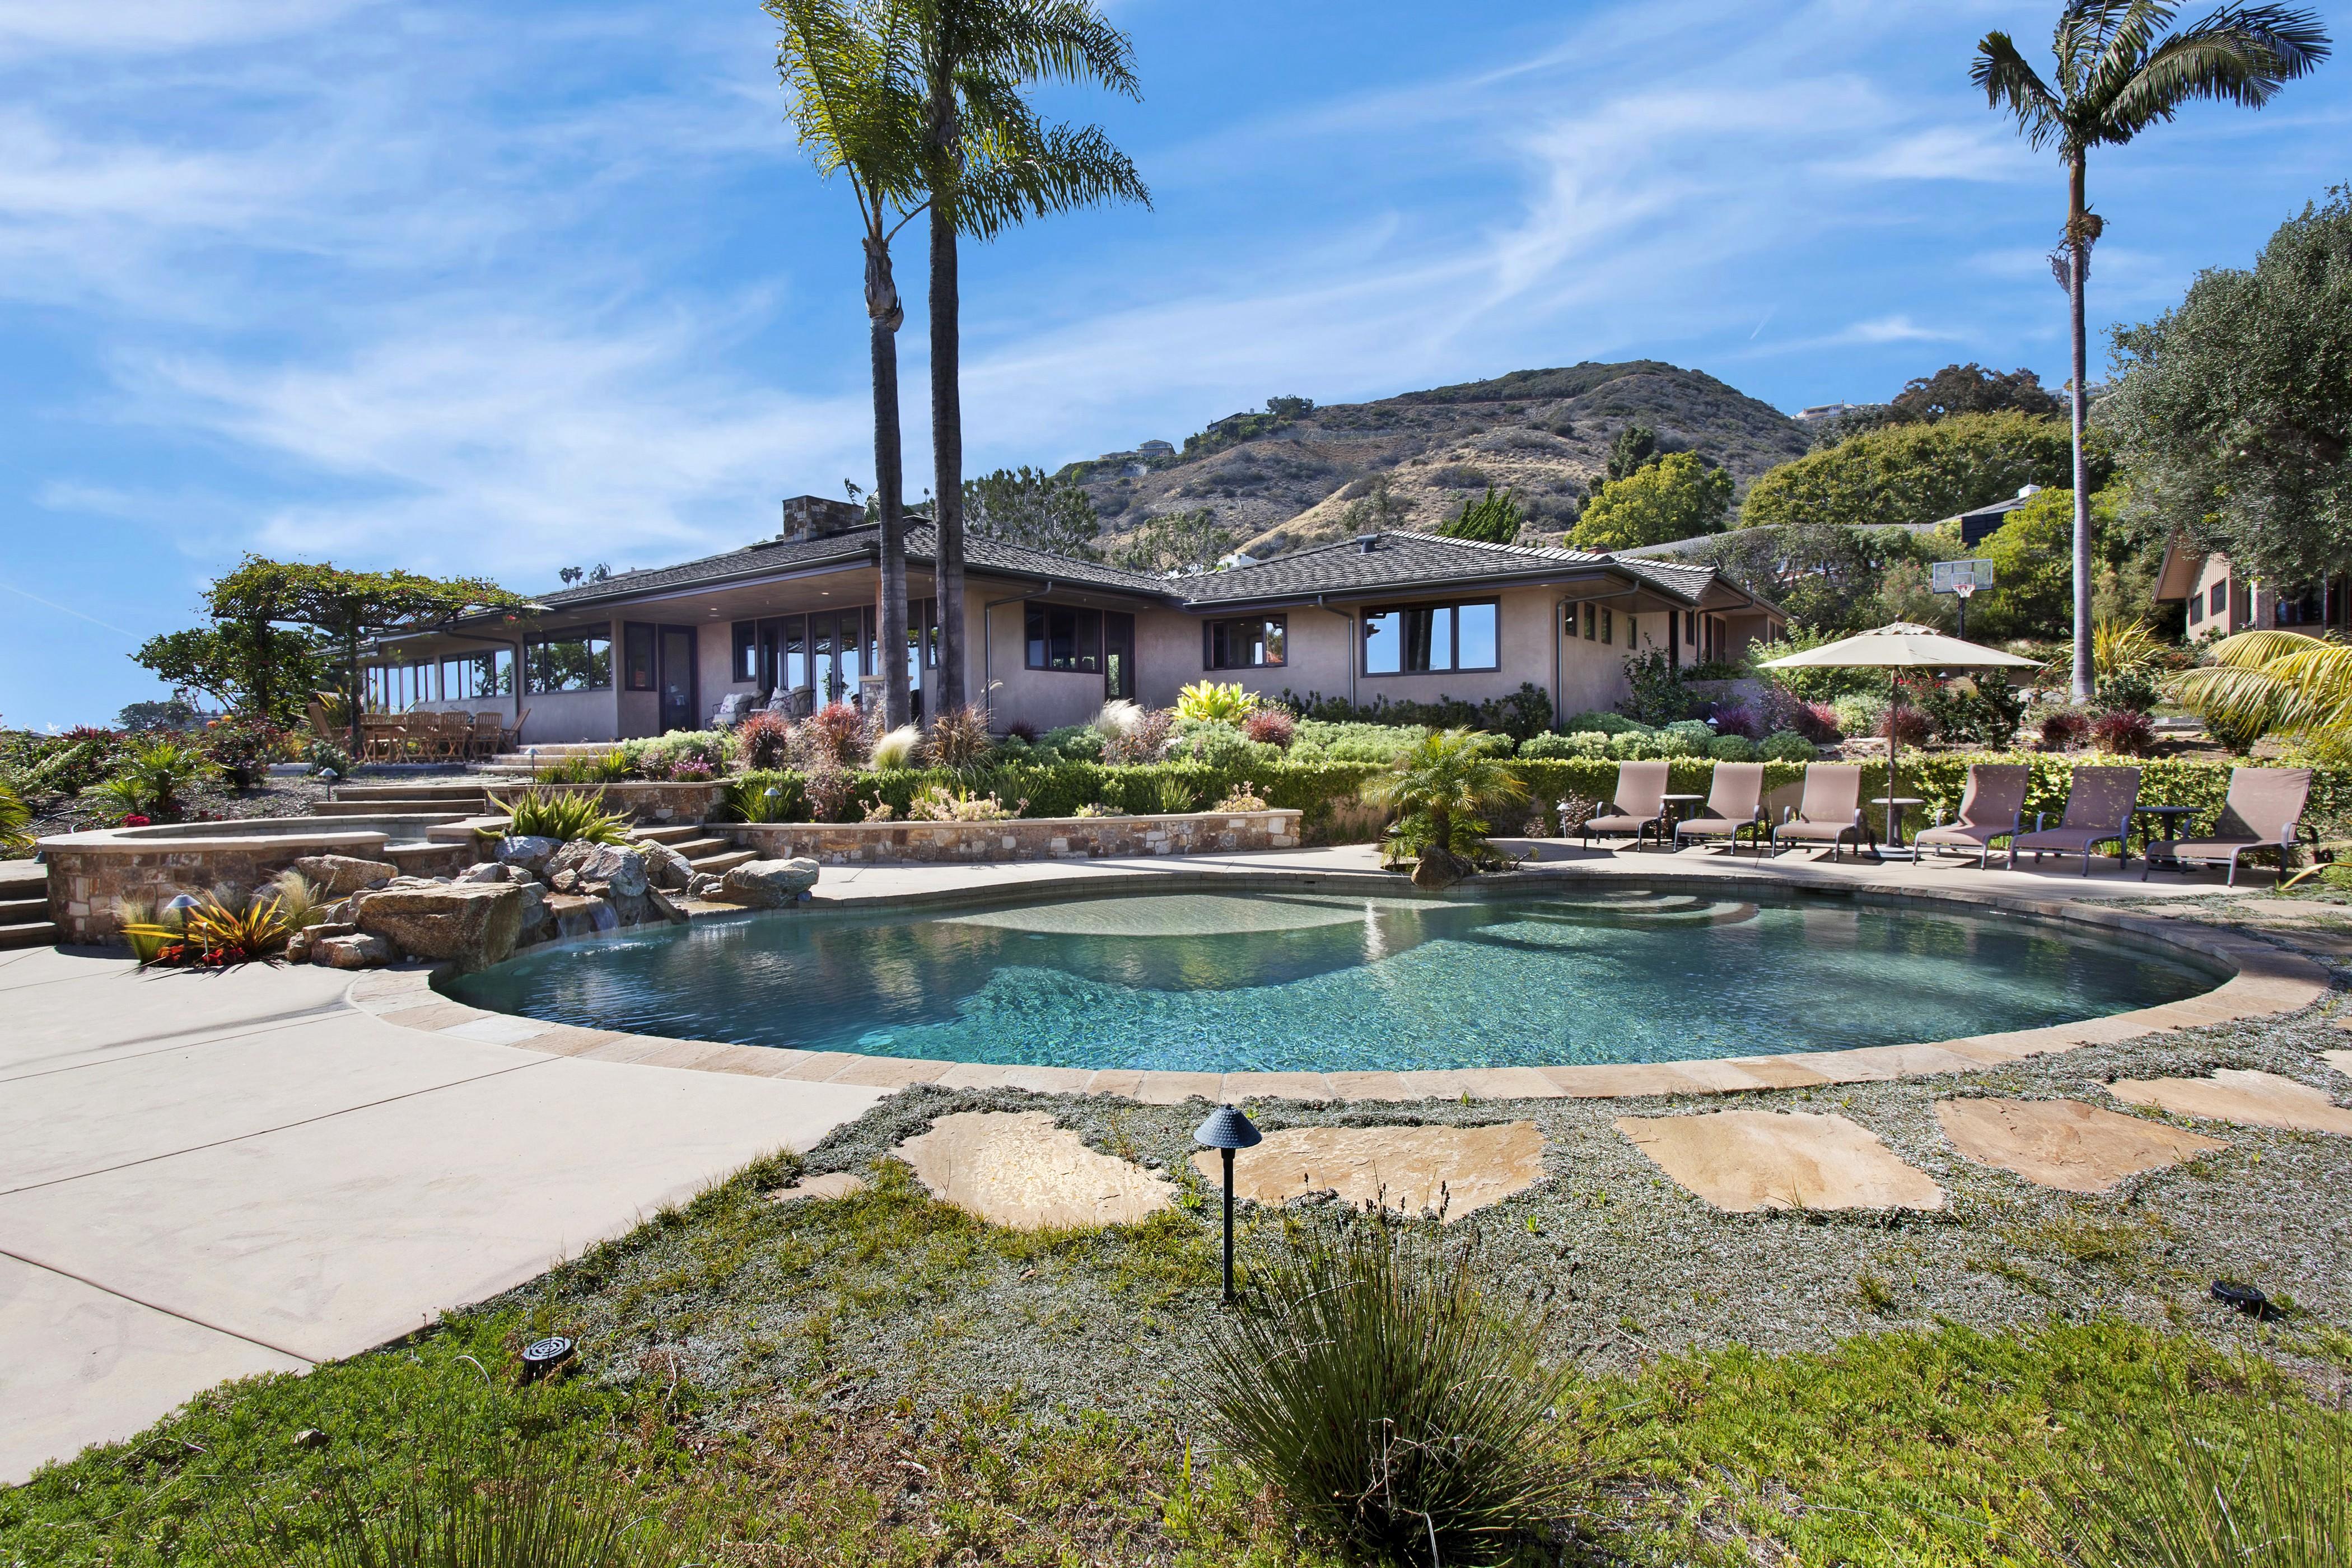 9f7a38a35250f Mansiones casa palmeras Pueblos piscina Piedras Estados Unidos Nubes cielo